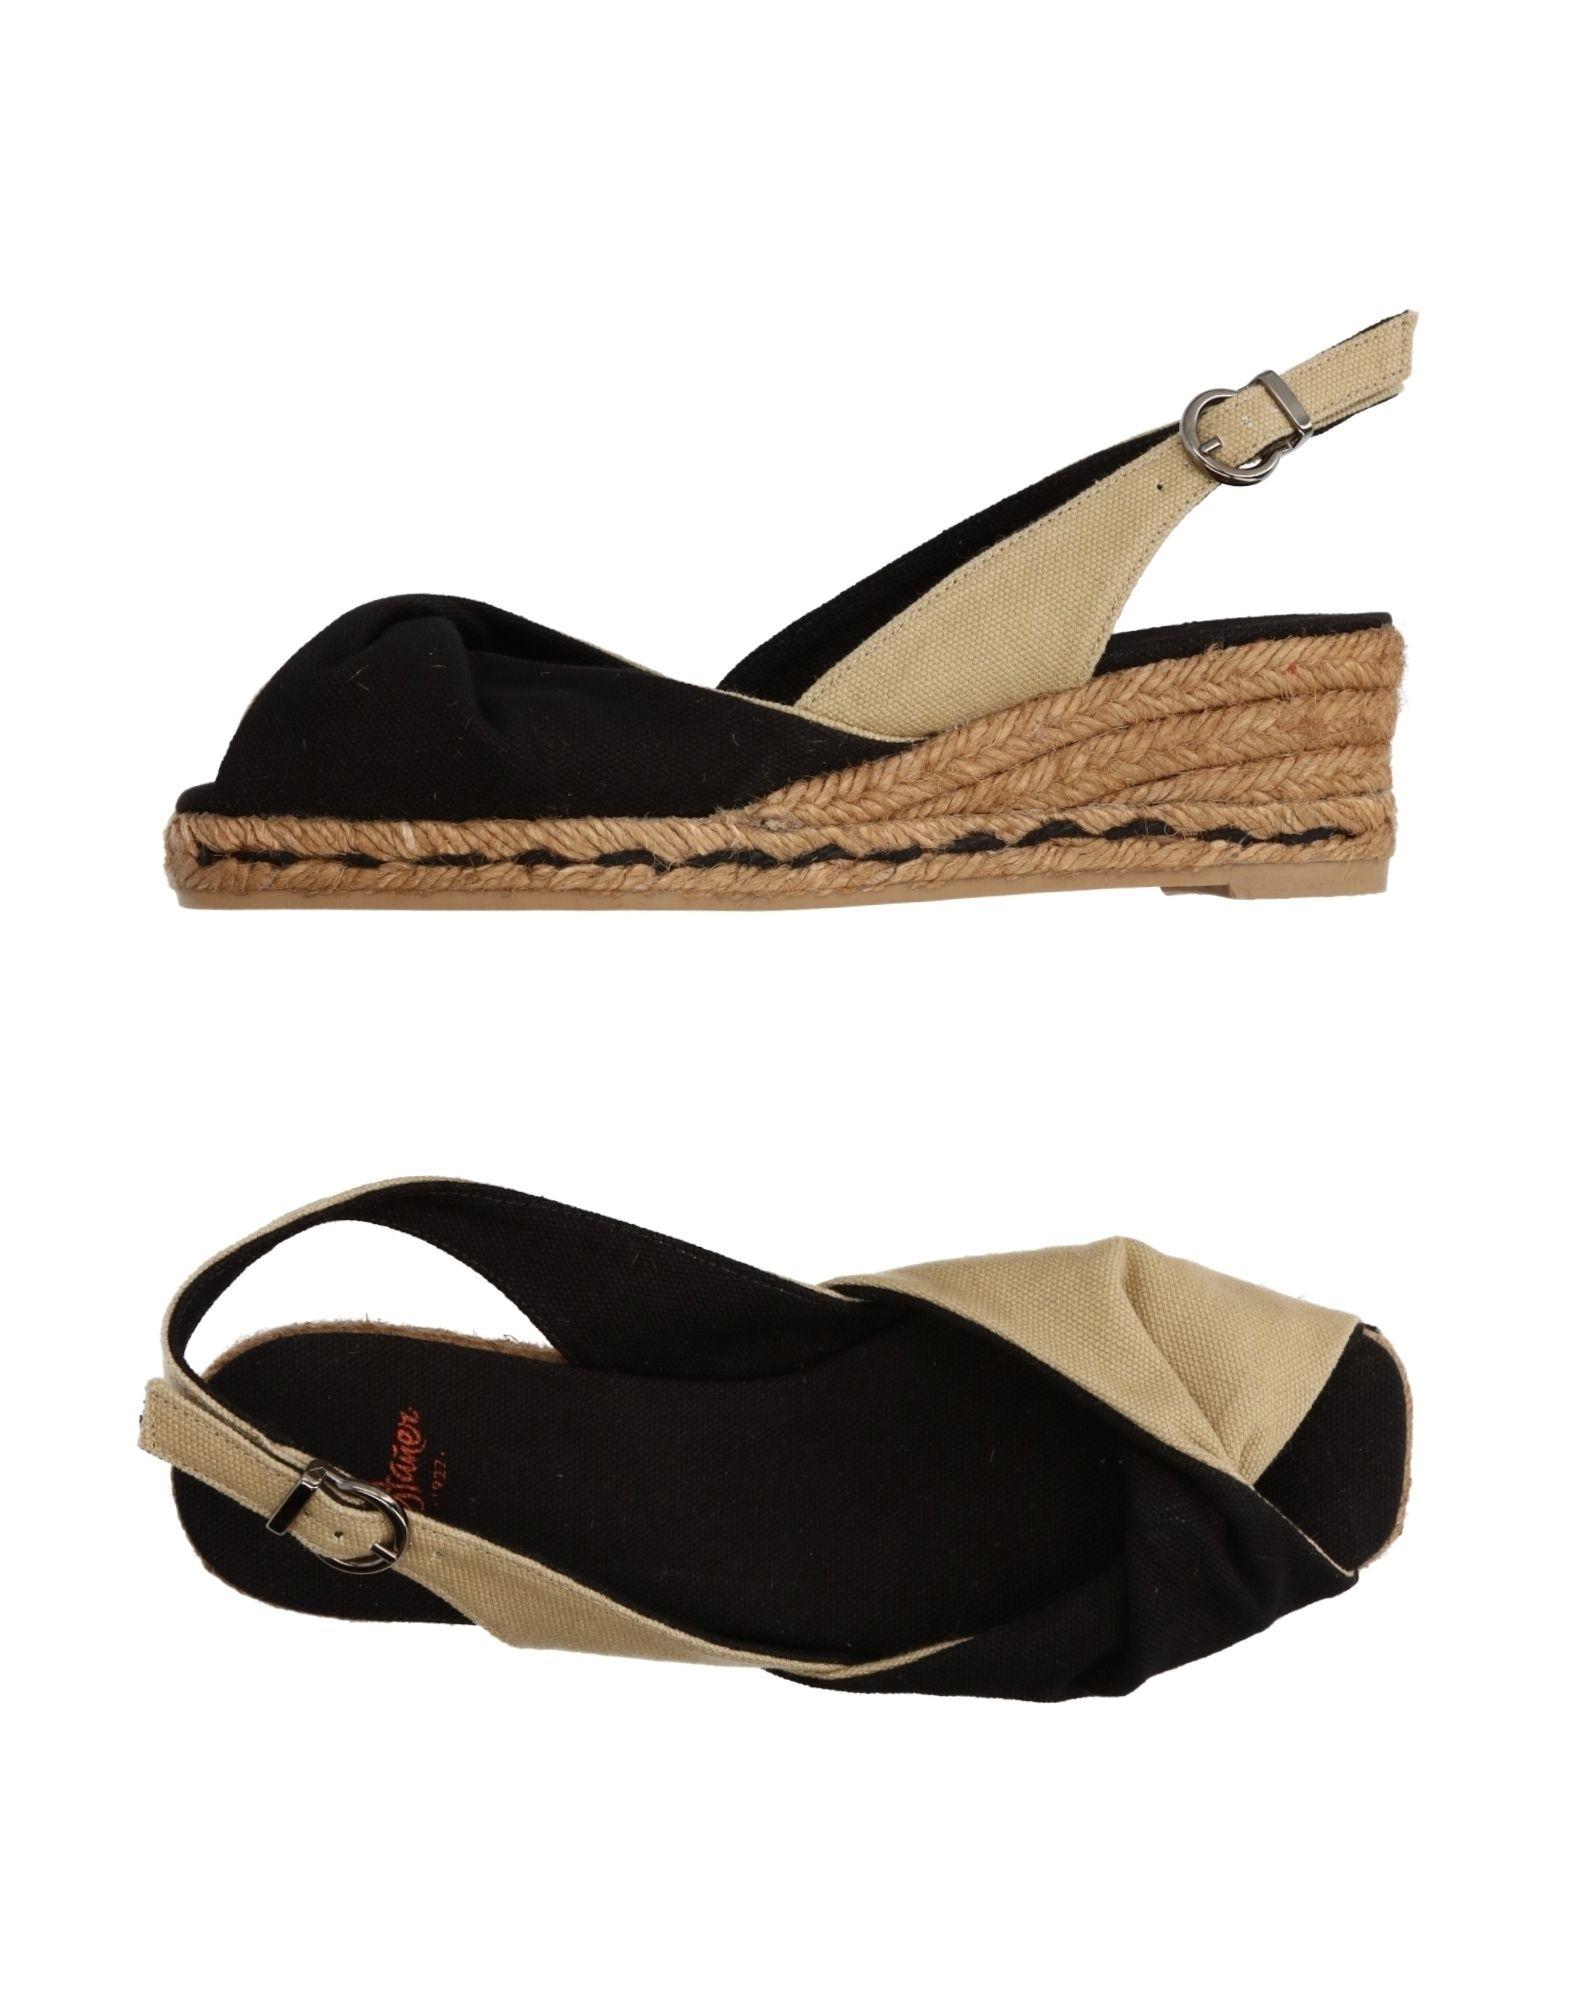 Castañer Qualität Sandalen Damen  11302182UB Gute Qualität Castañer beliebte Schuhe 8e993d